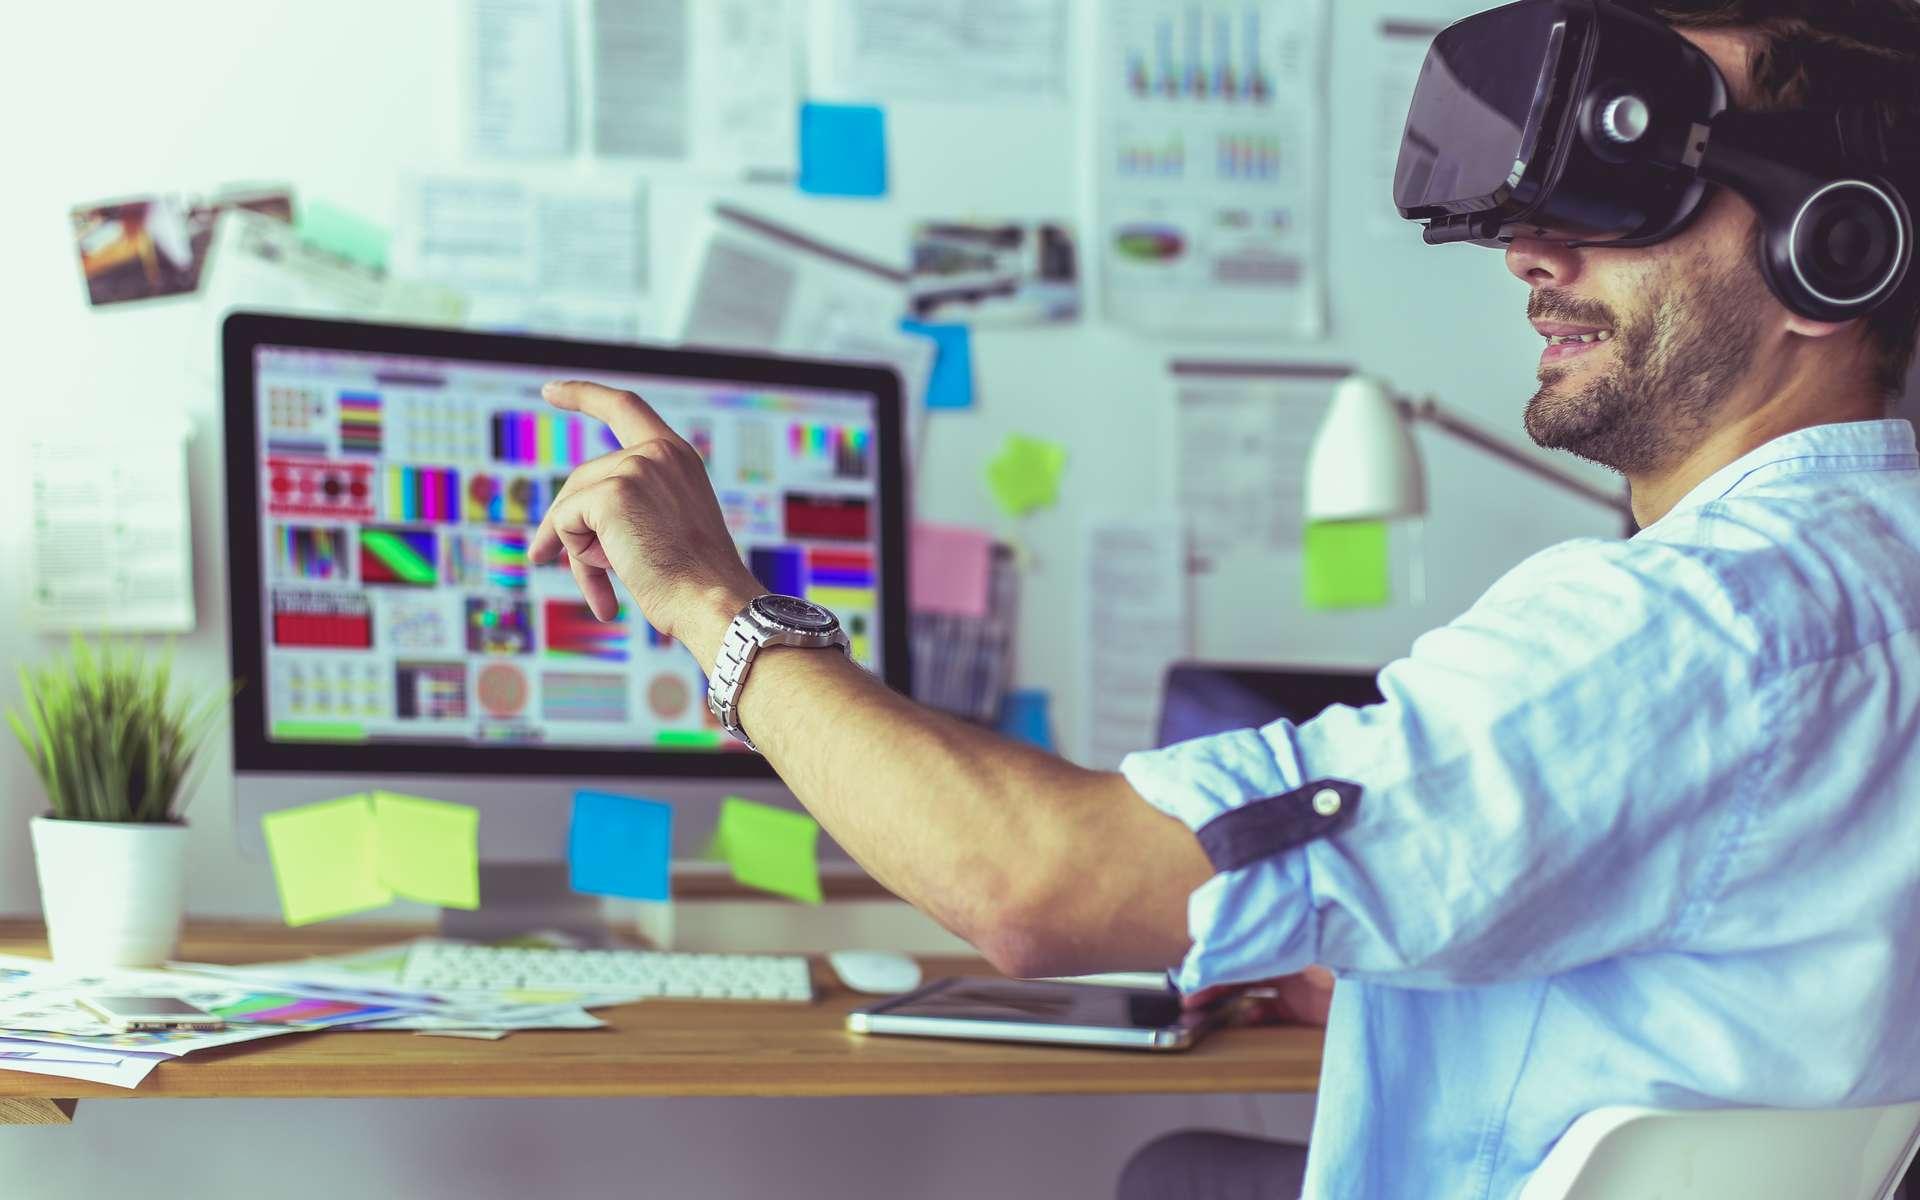 Le concepteur de jeux vidéo teste son produit une fois que celui-ci est bien avancé. Le jeu en réseau et la réalité virtuelle sont appréciés par les joueurs qui sont en quête d'immersion. © s_l, Adobe Stock.